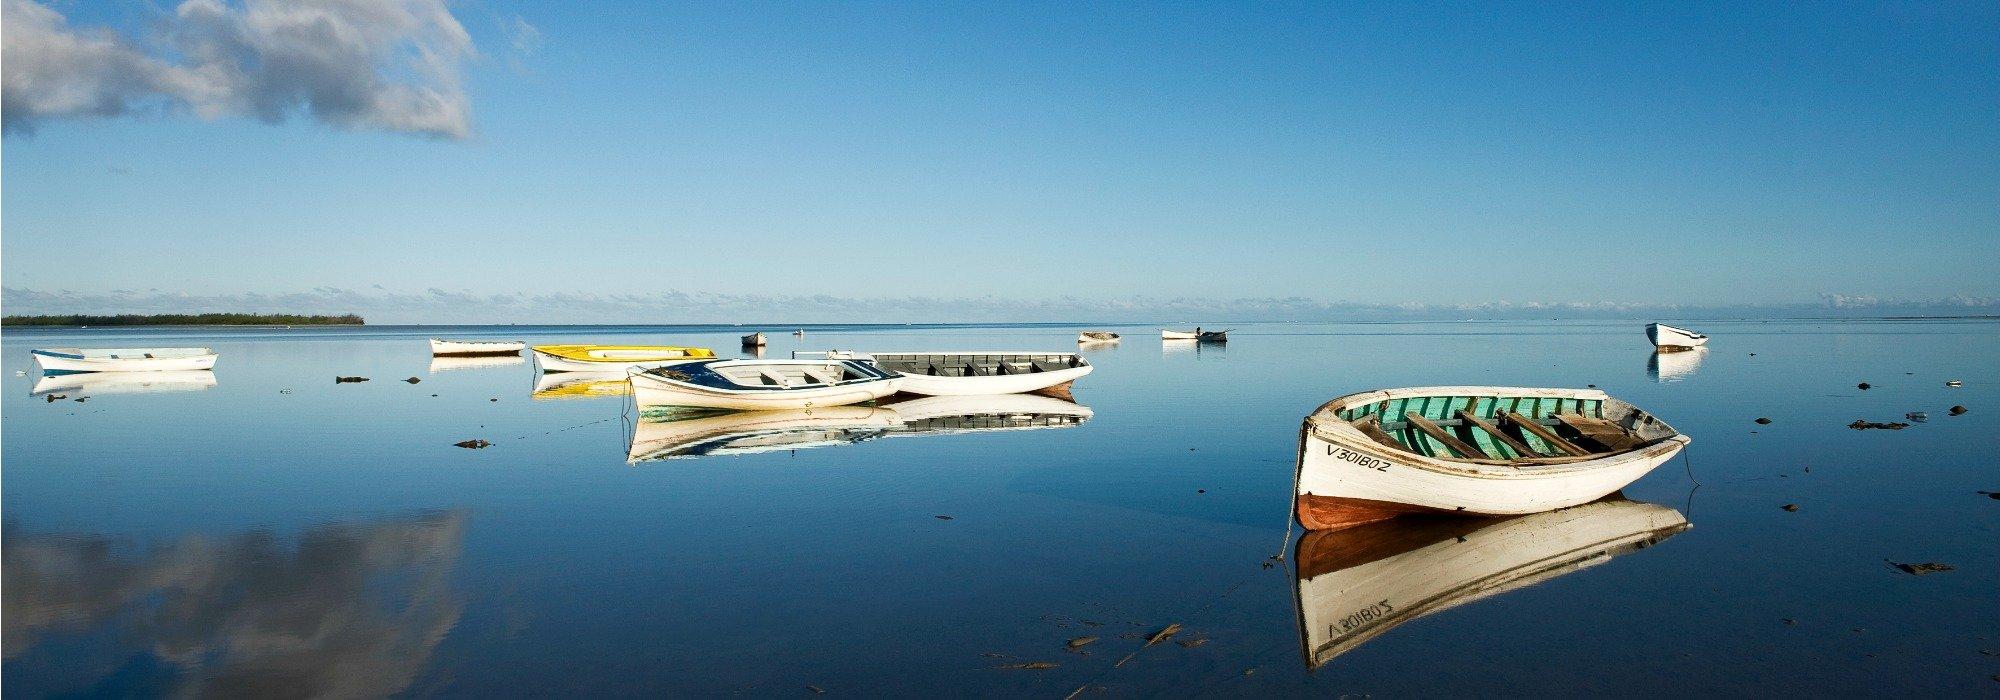 Mauritius Boats